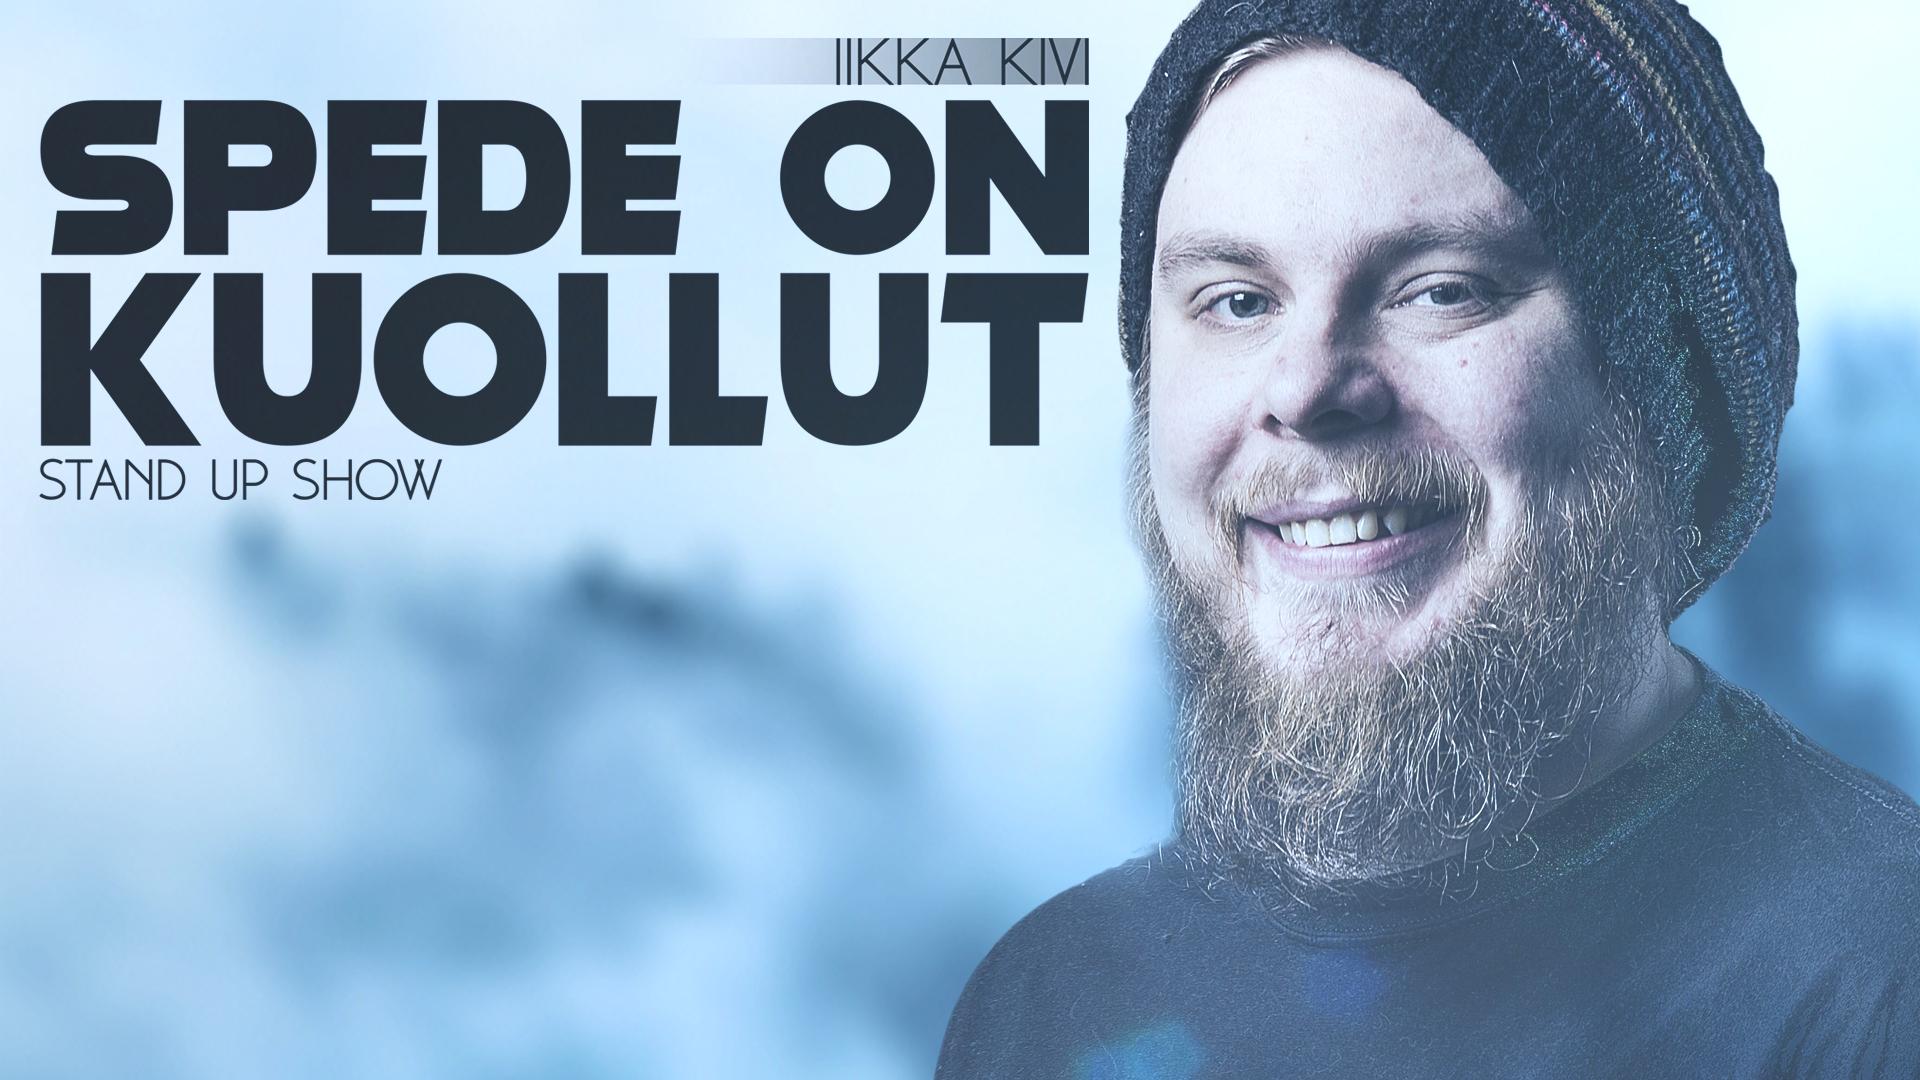 Iikka Kivi – Spede on kuollut – Stand up show